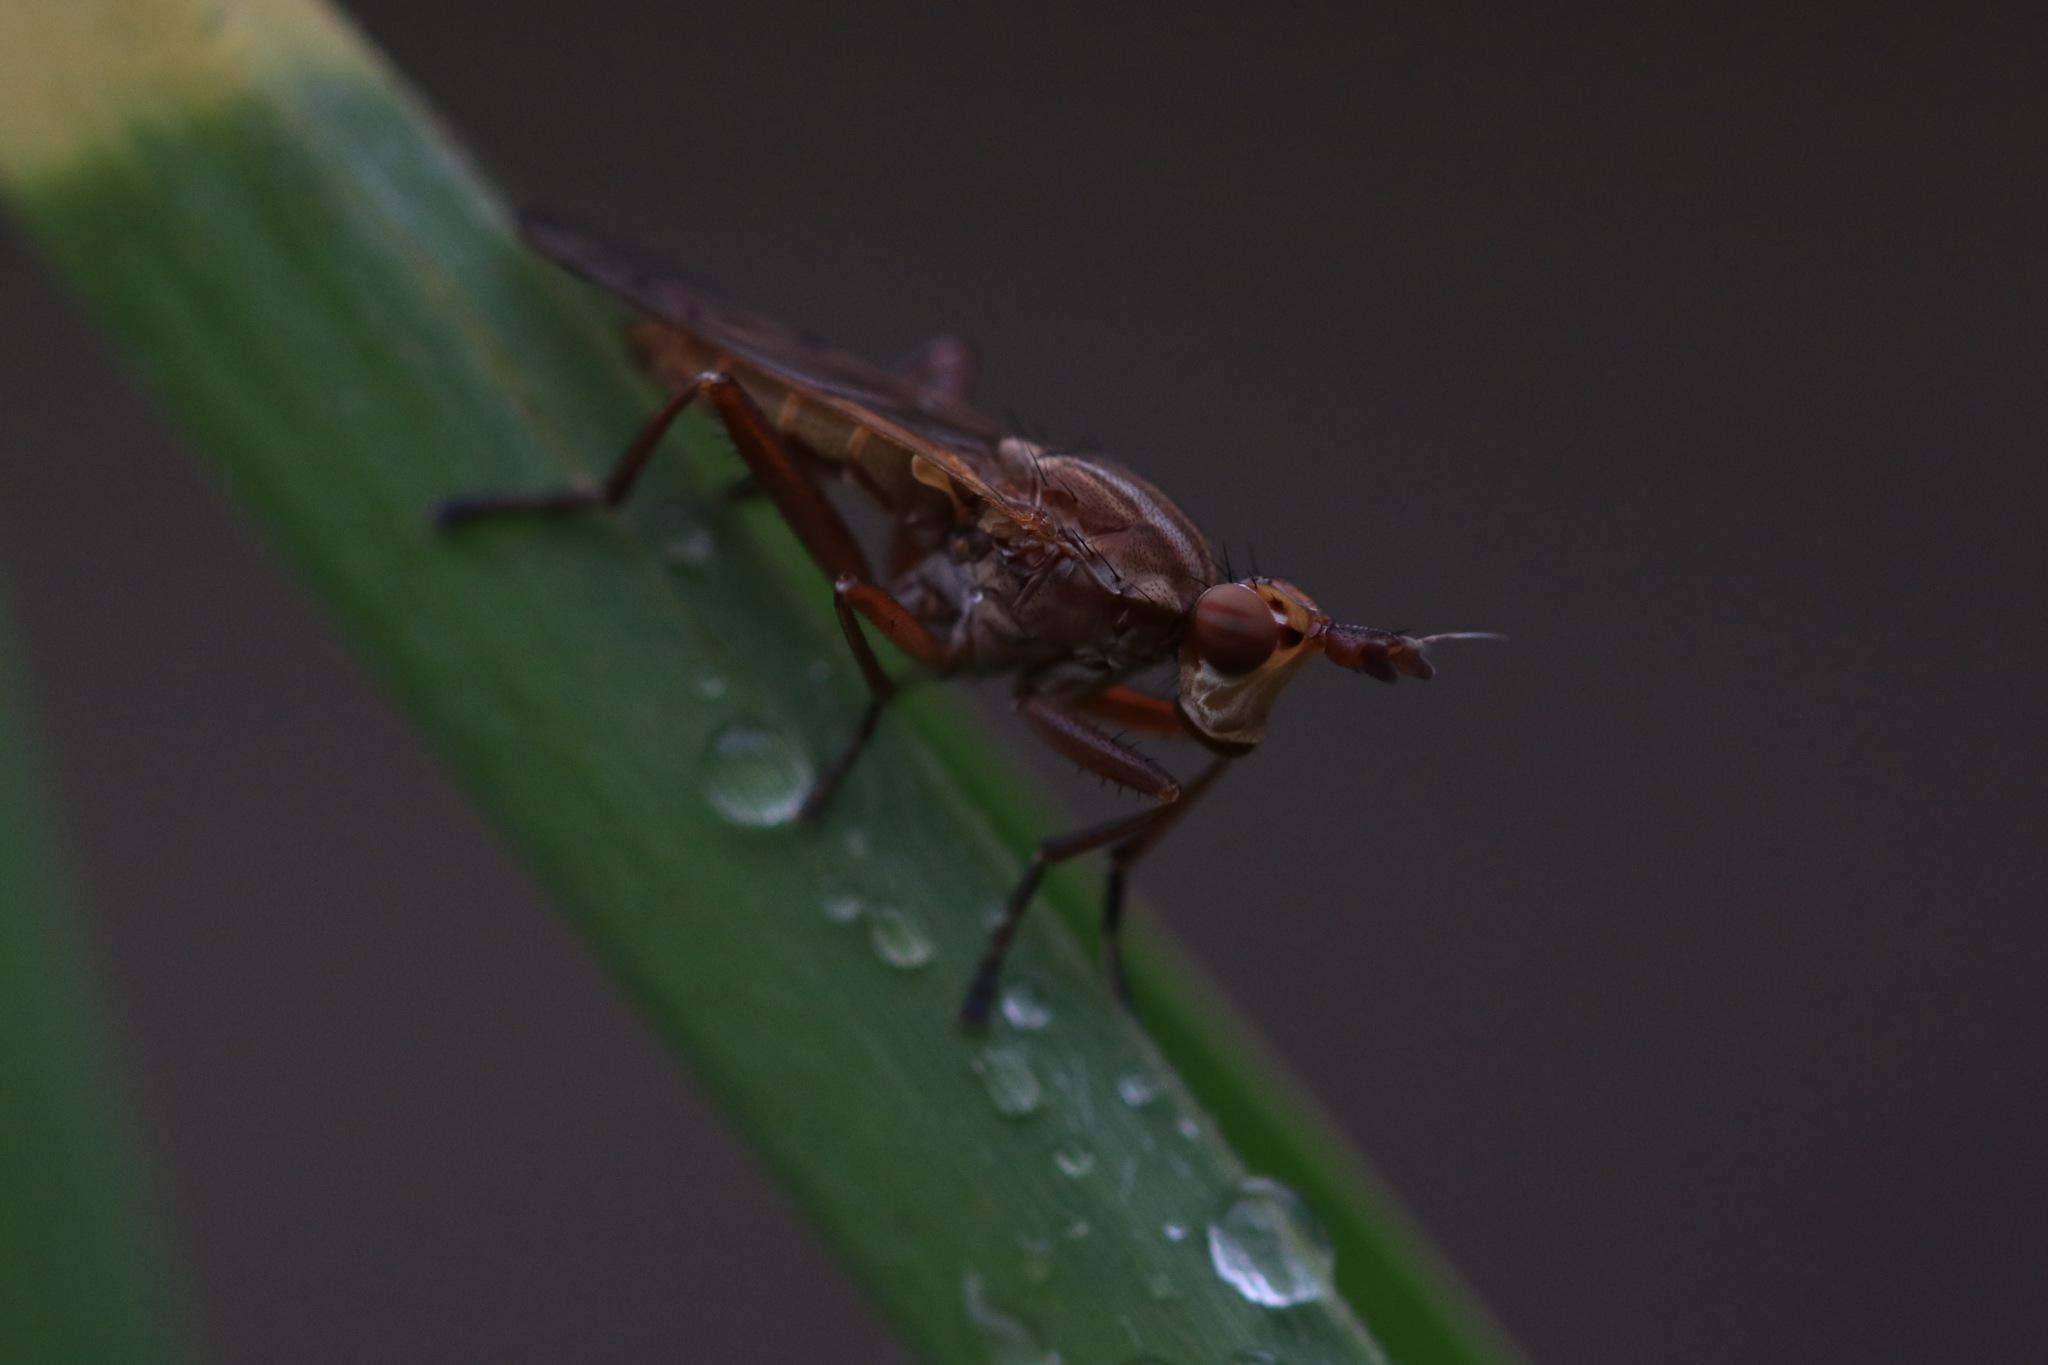 musquito by Jeroen Wouter van der Vlist